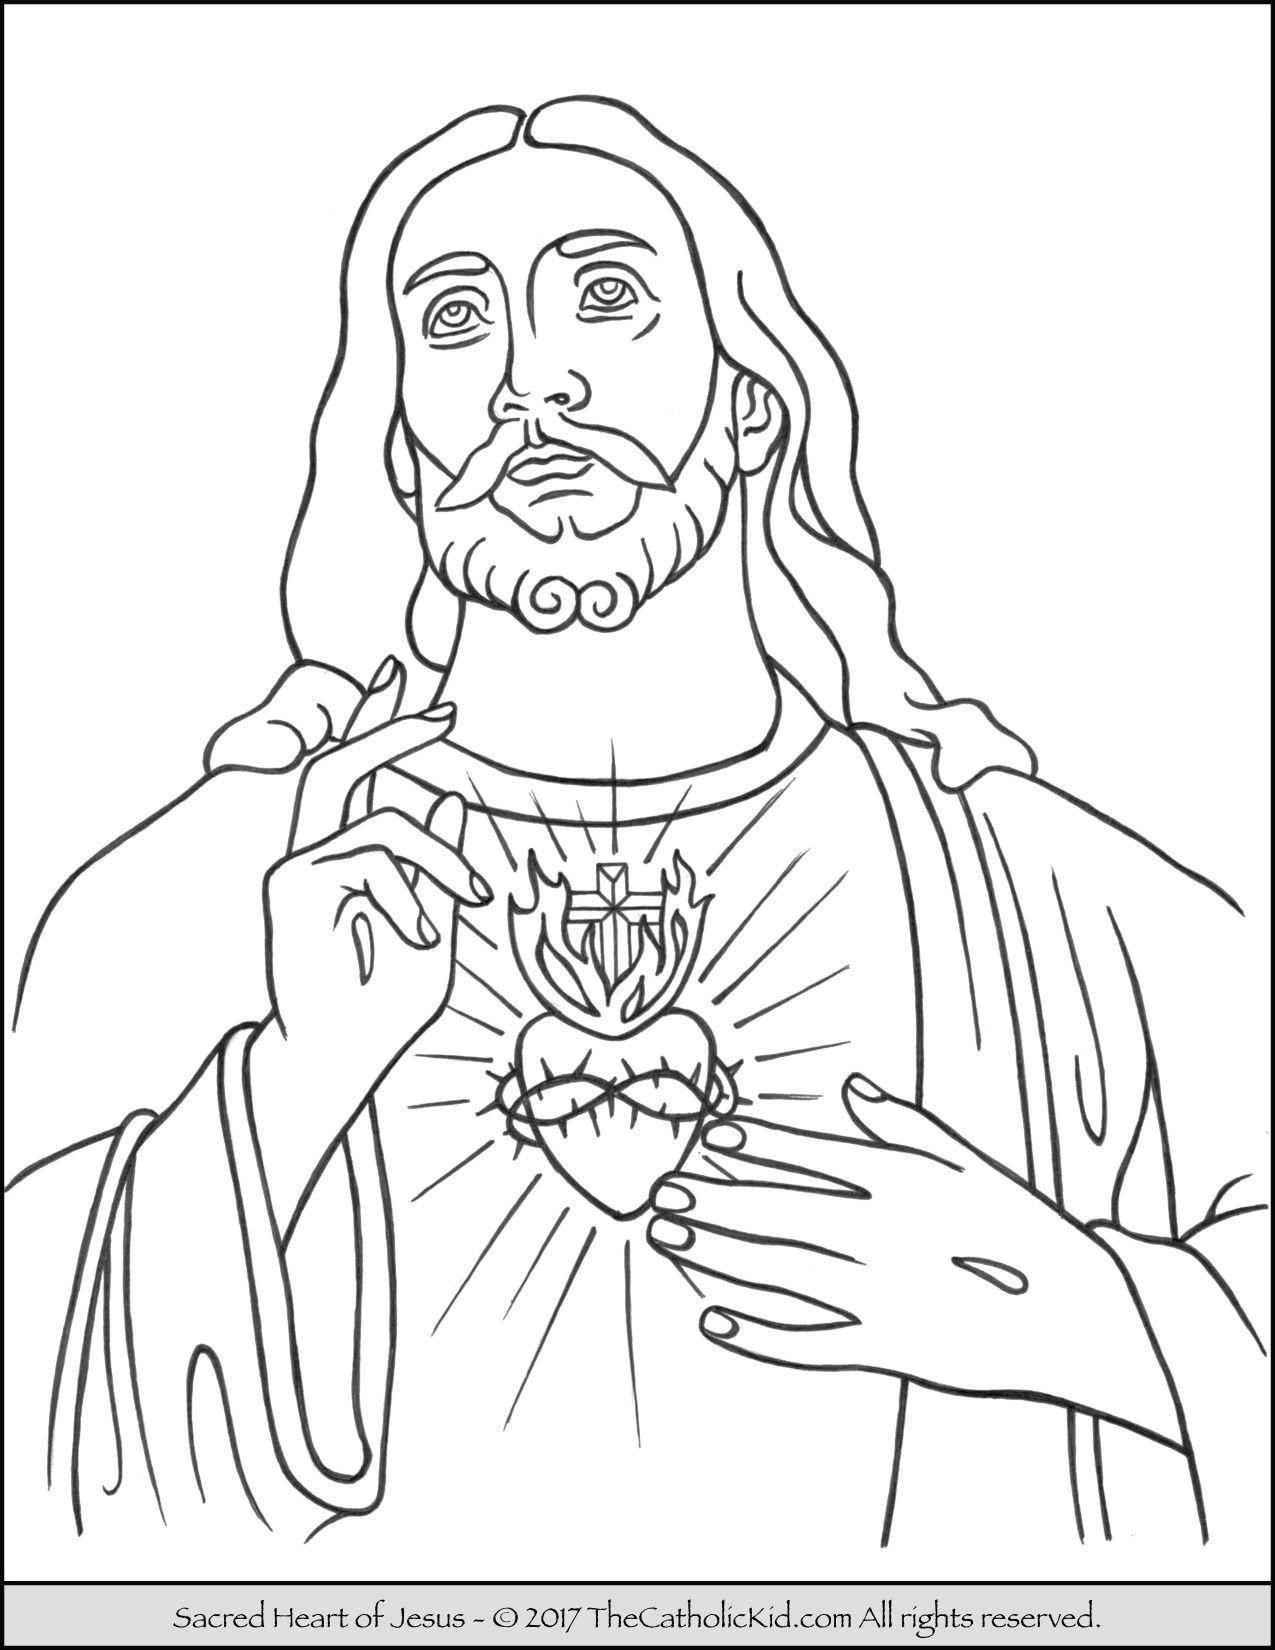 Lo Mejor De Imagenes De Jesus Para Colorea   Colore Ar La Imagen